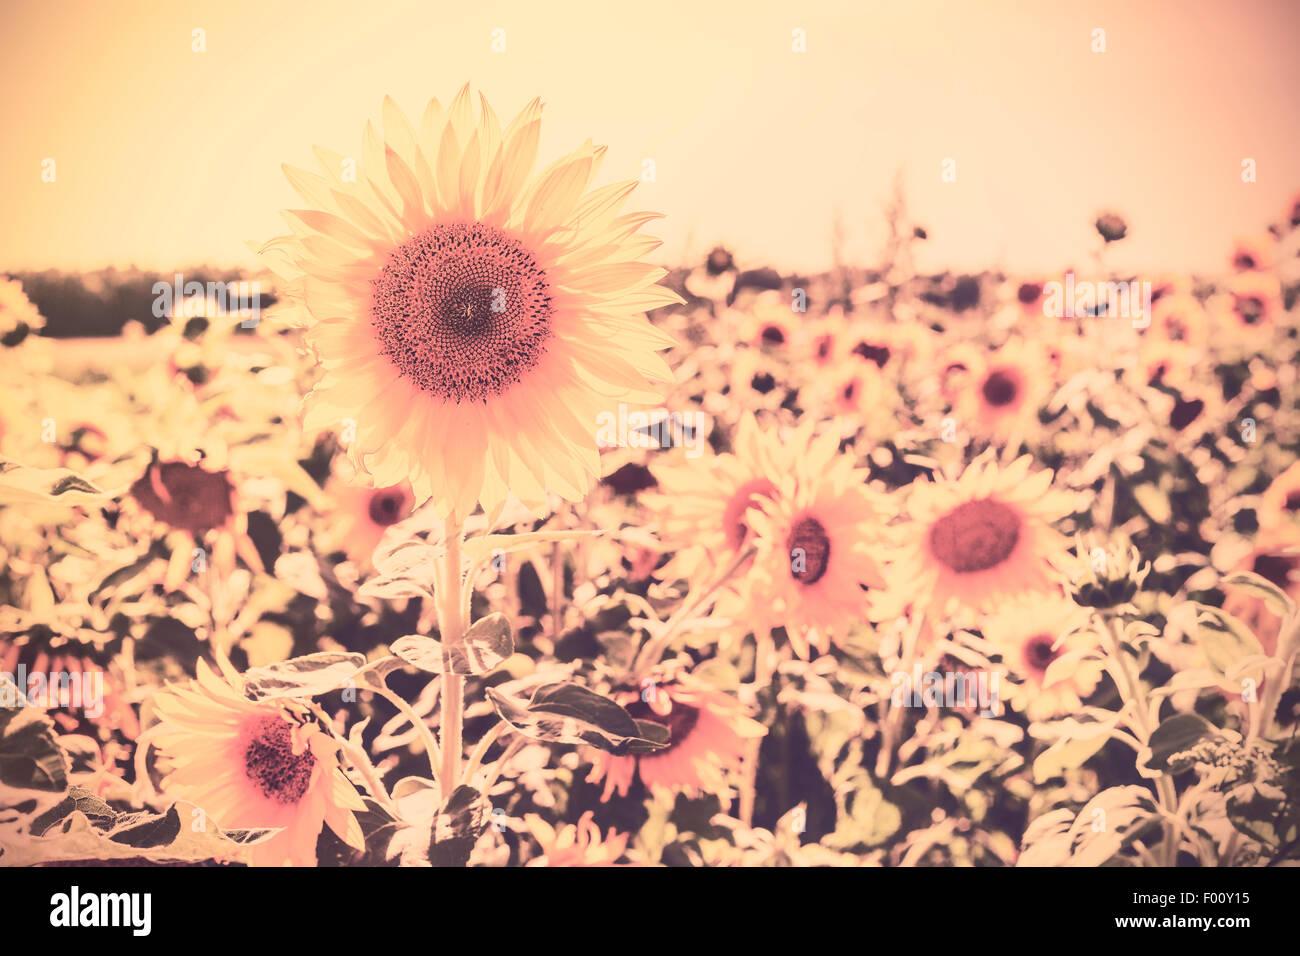 Retro Sepia getönten Natur Hintergrund gemacht von Sonnenblumen. Stockbild